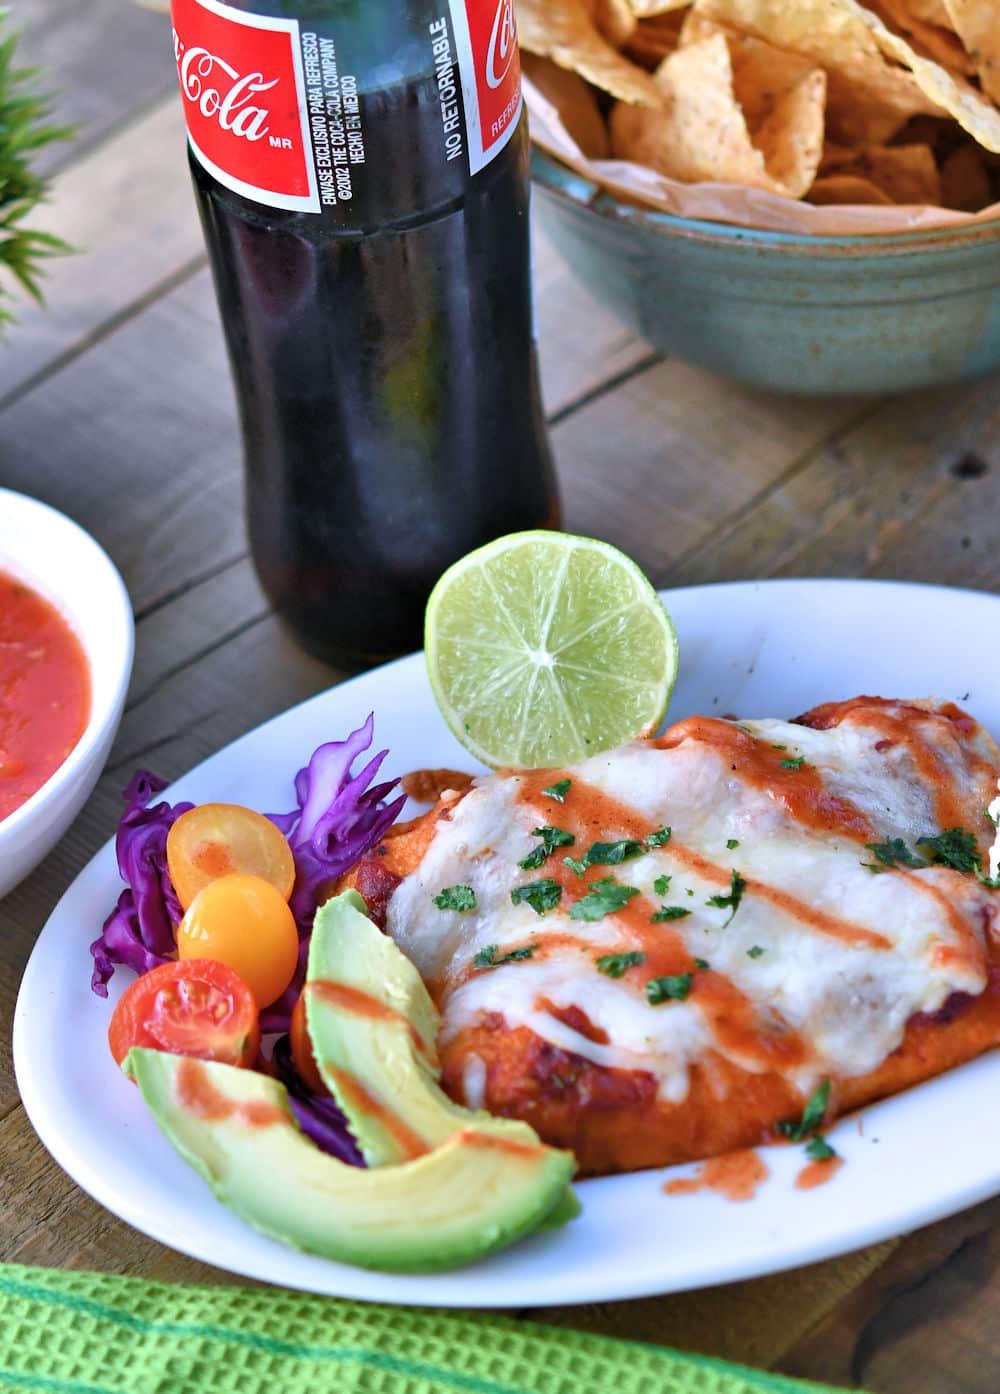 24Bite: Creamy Salsa Chicken Enchiladas Recipe by Christian Guzman